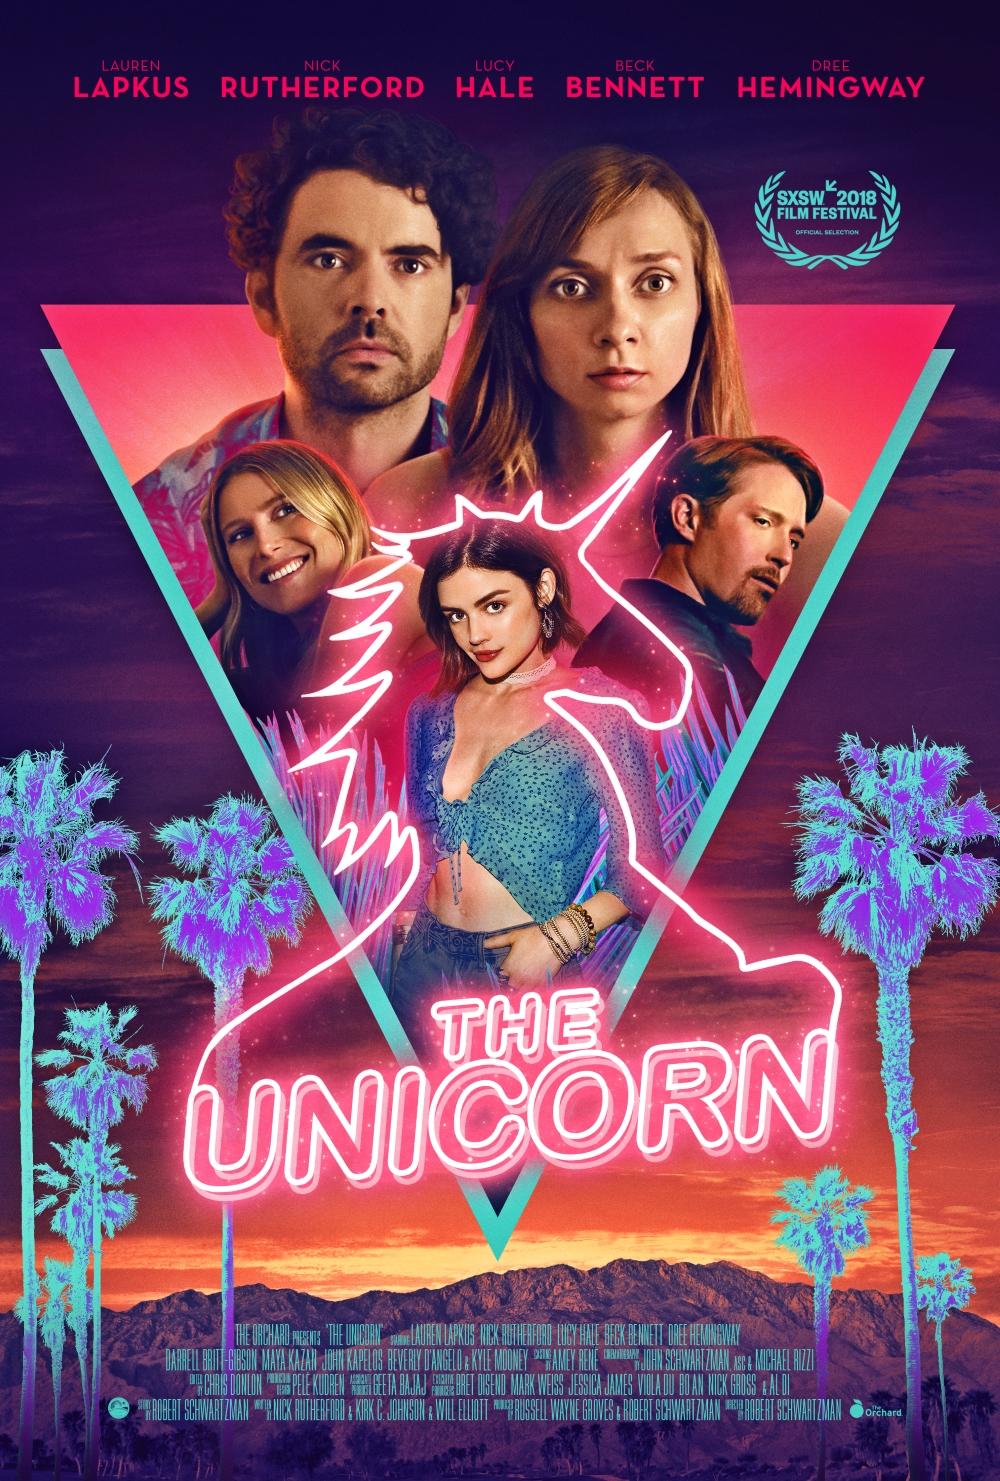 Unicorn Film